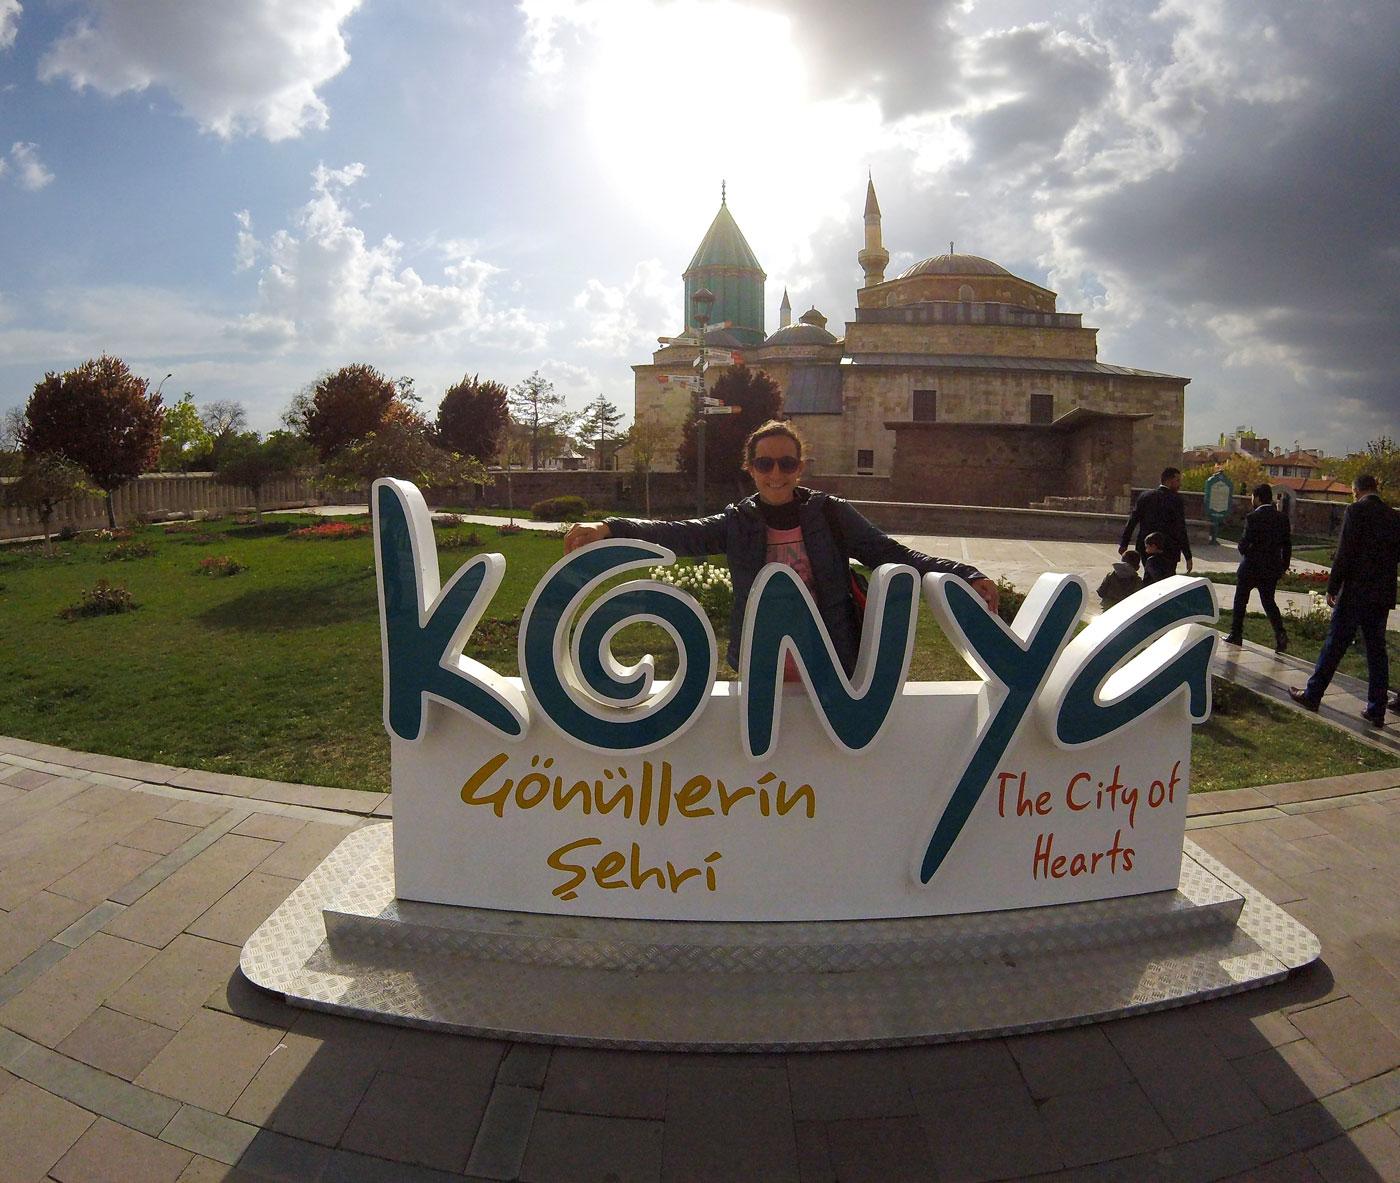 La Turquie à vélo, Konya. Cycling Turquey, Konya.